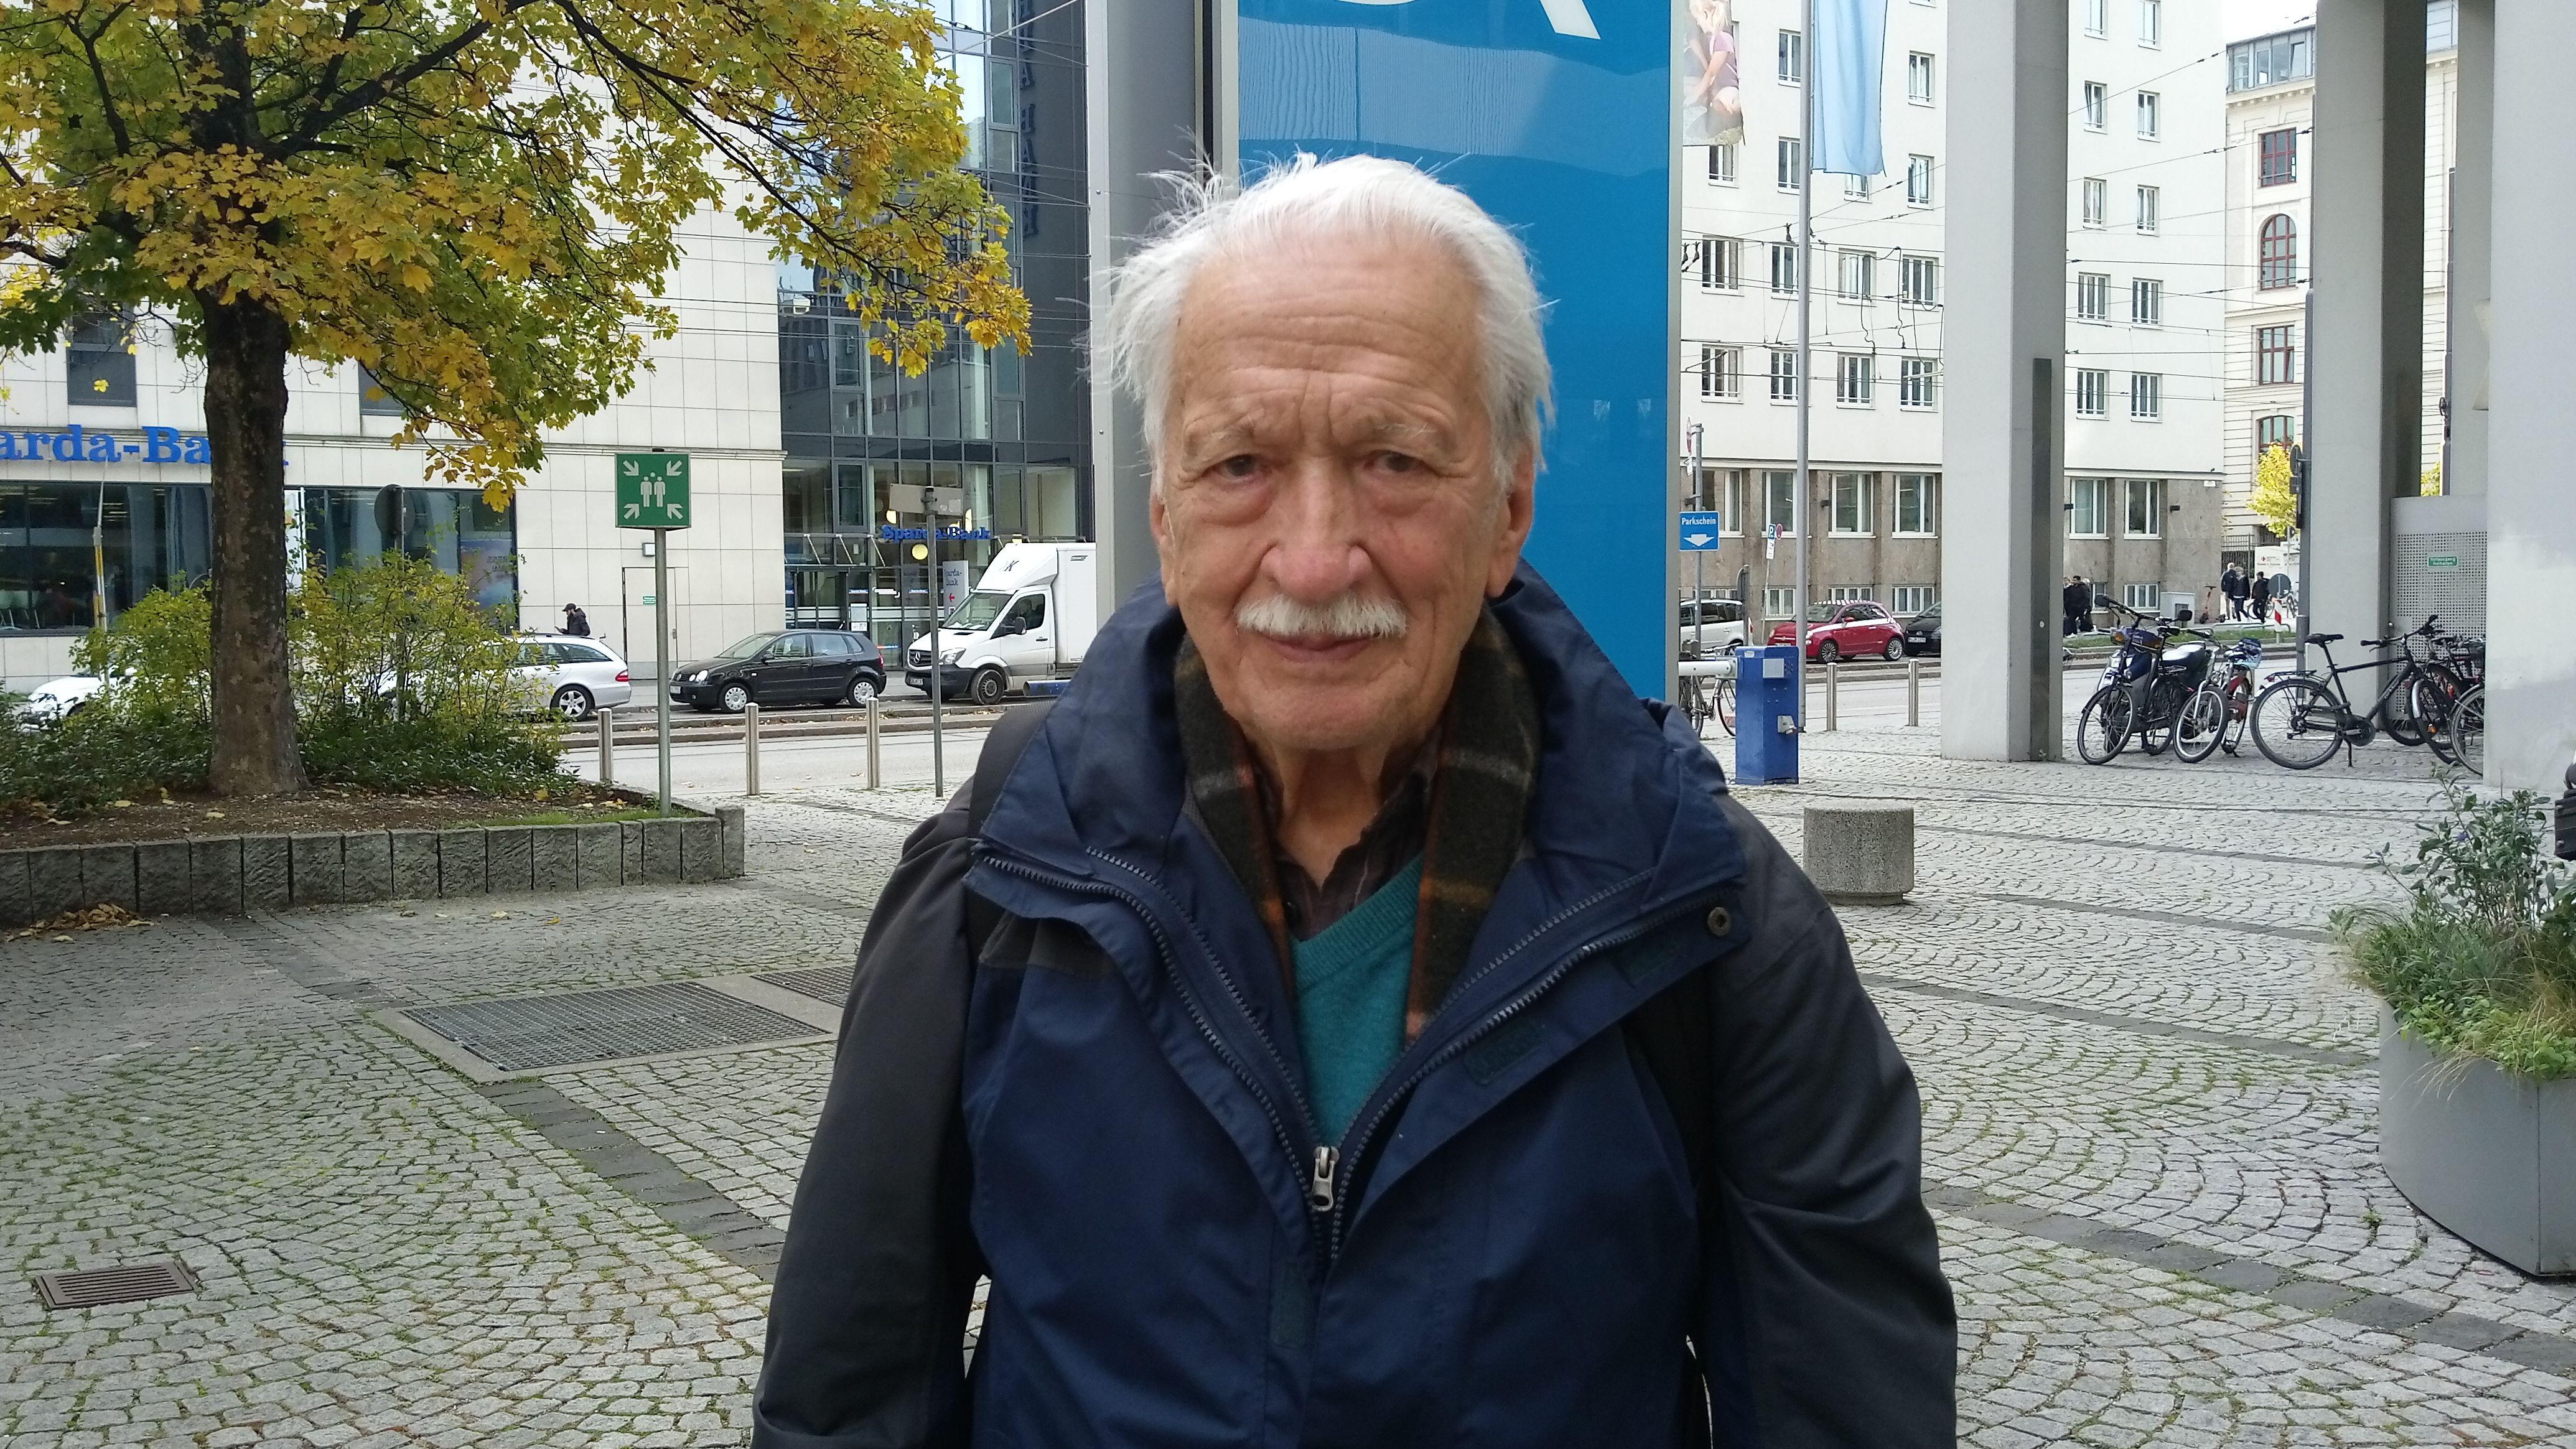 Der Holocaust-Überlebende Ernst Grube